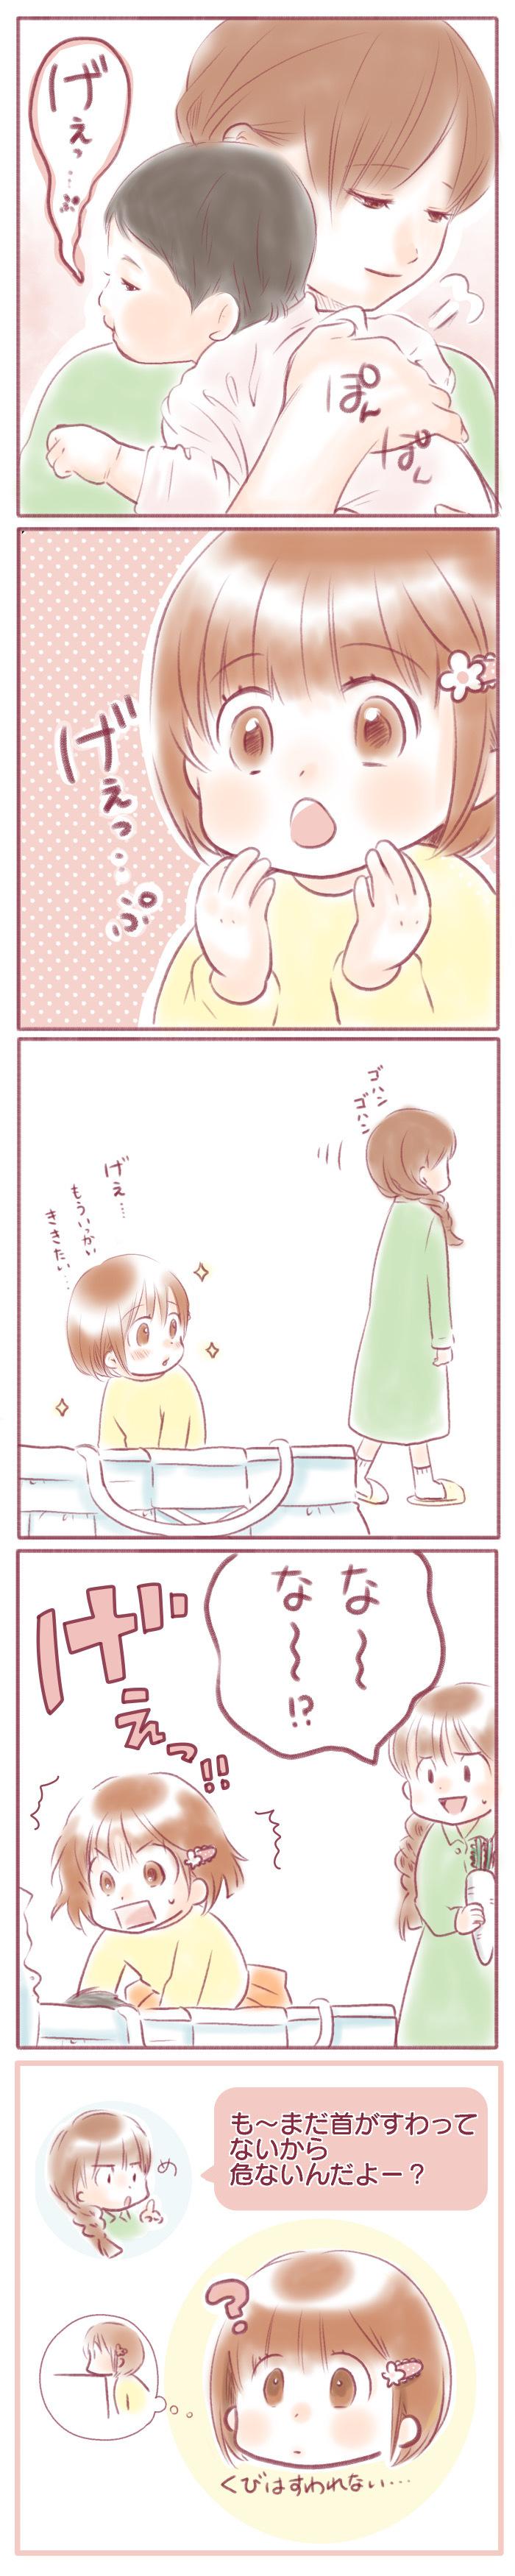 背中をぽんぽん…♡ちいさな赤ちゃんの「ミルク後のルーティン」が愛おしいの画像1